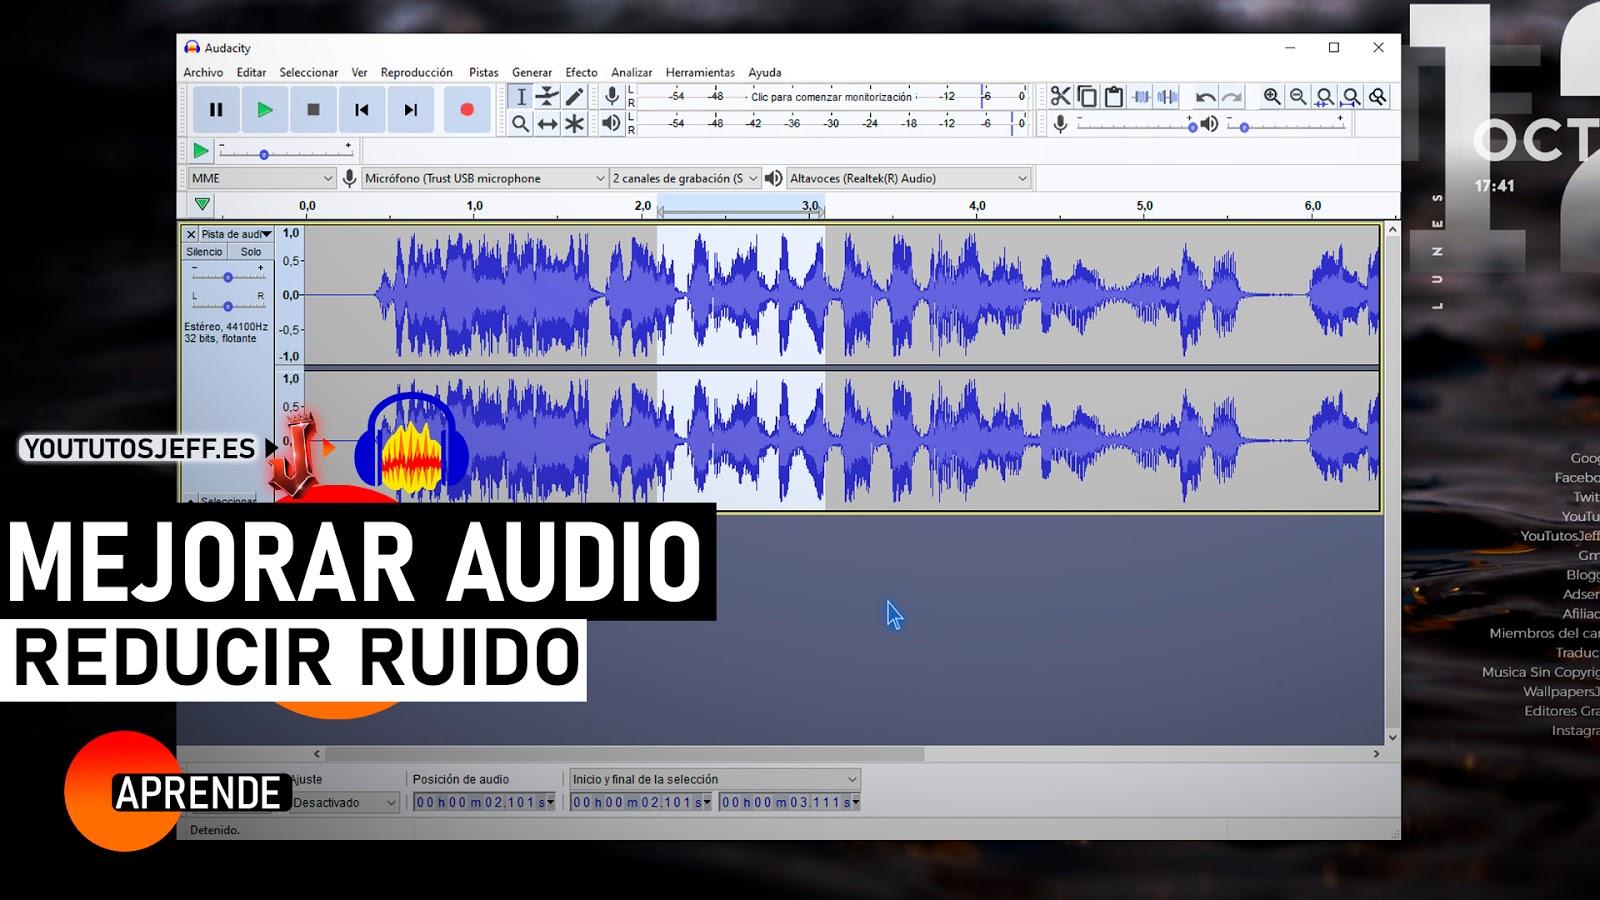 Como Mejorar la Calidad de Audio, Reducir Ruido del Micrófono con Audacity